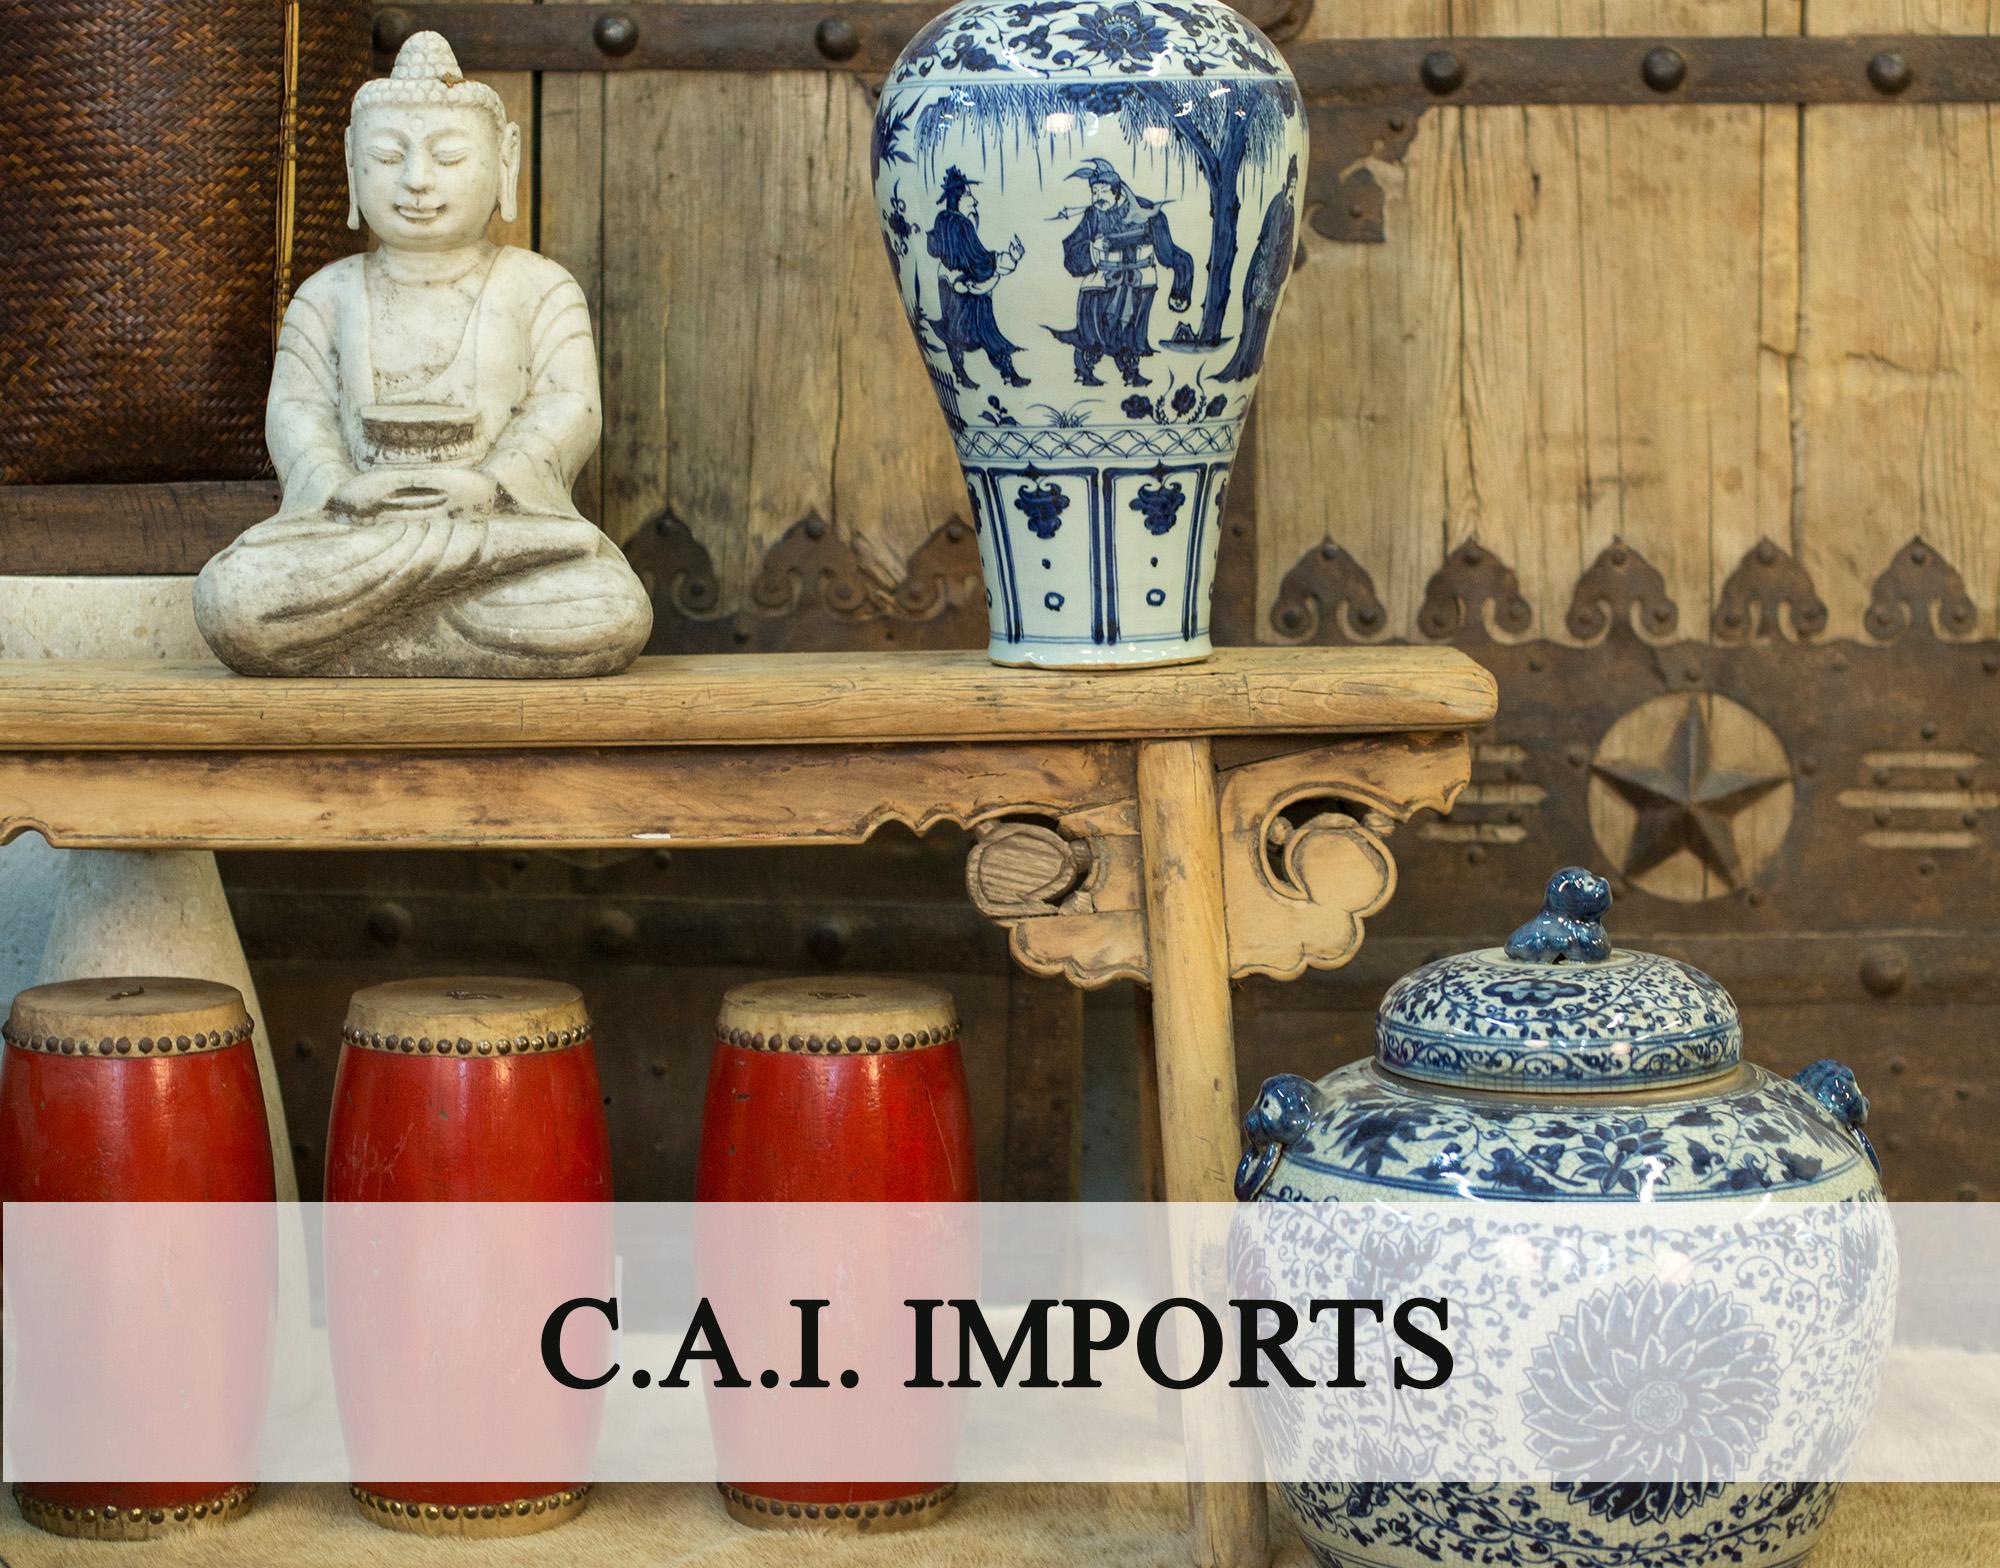 C.A.I. Imports